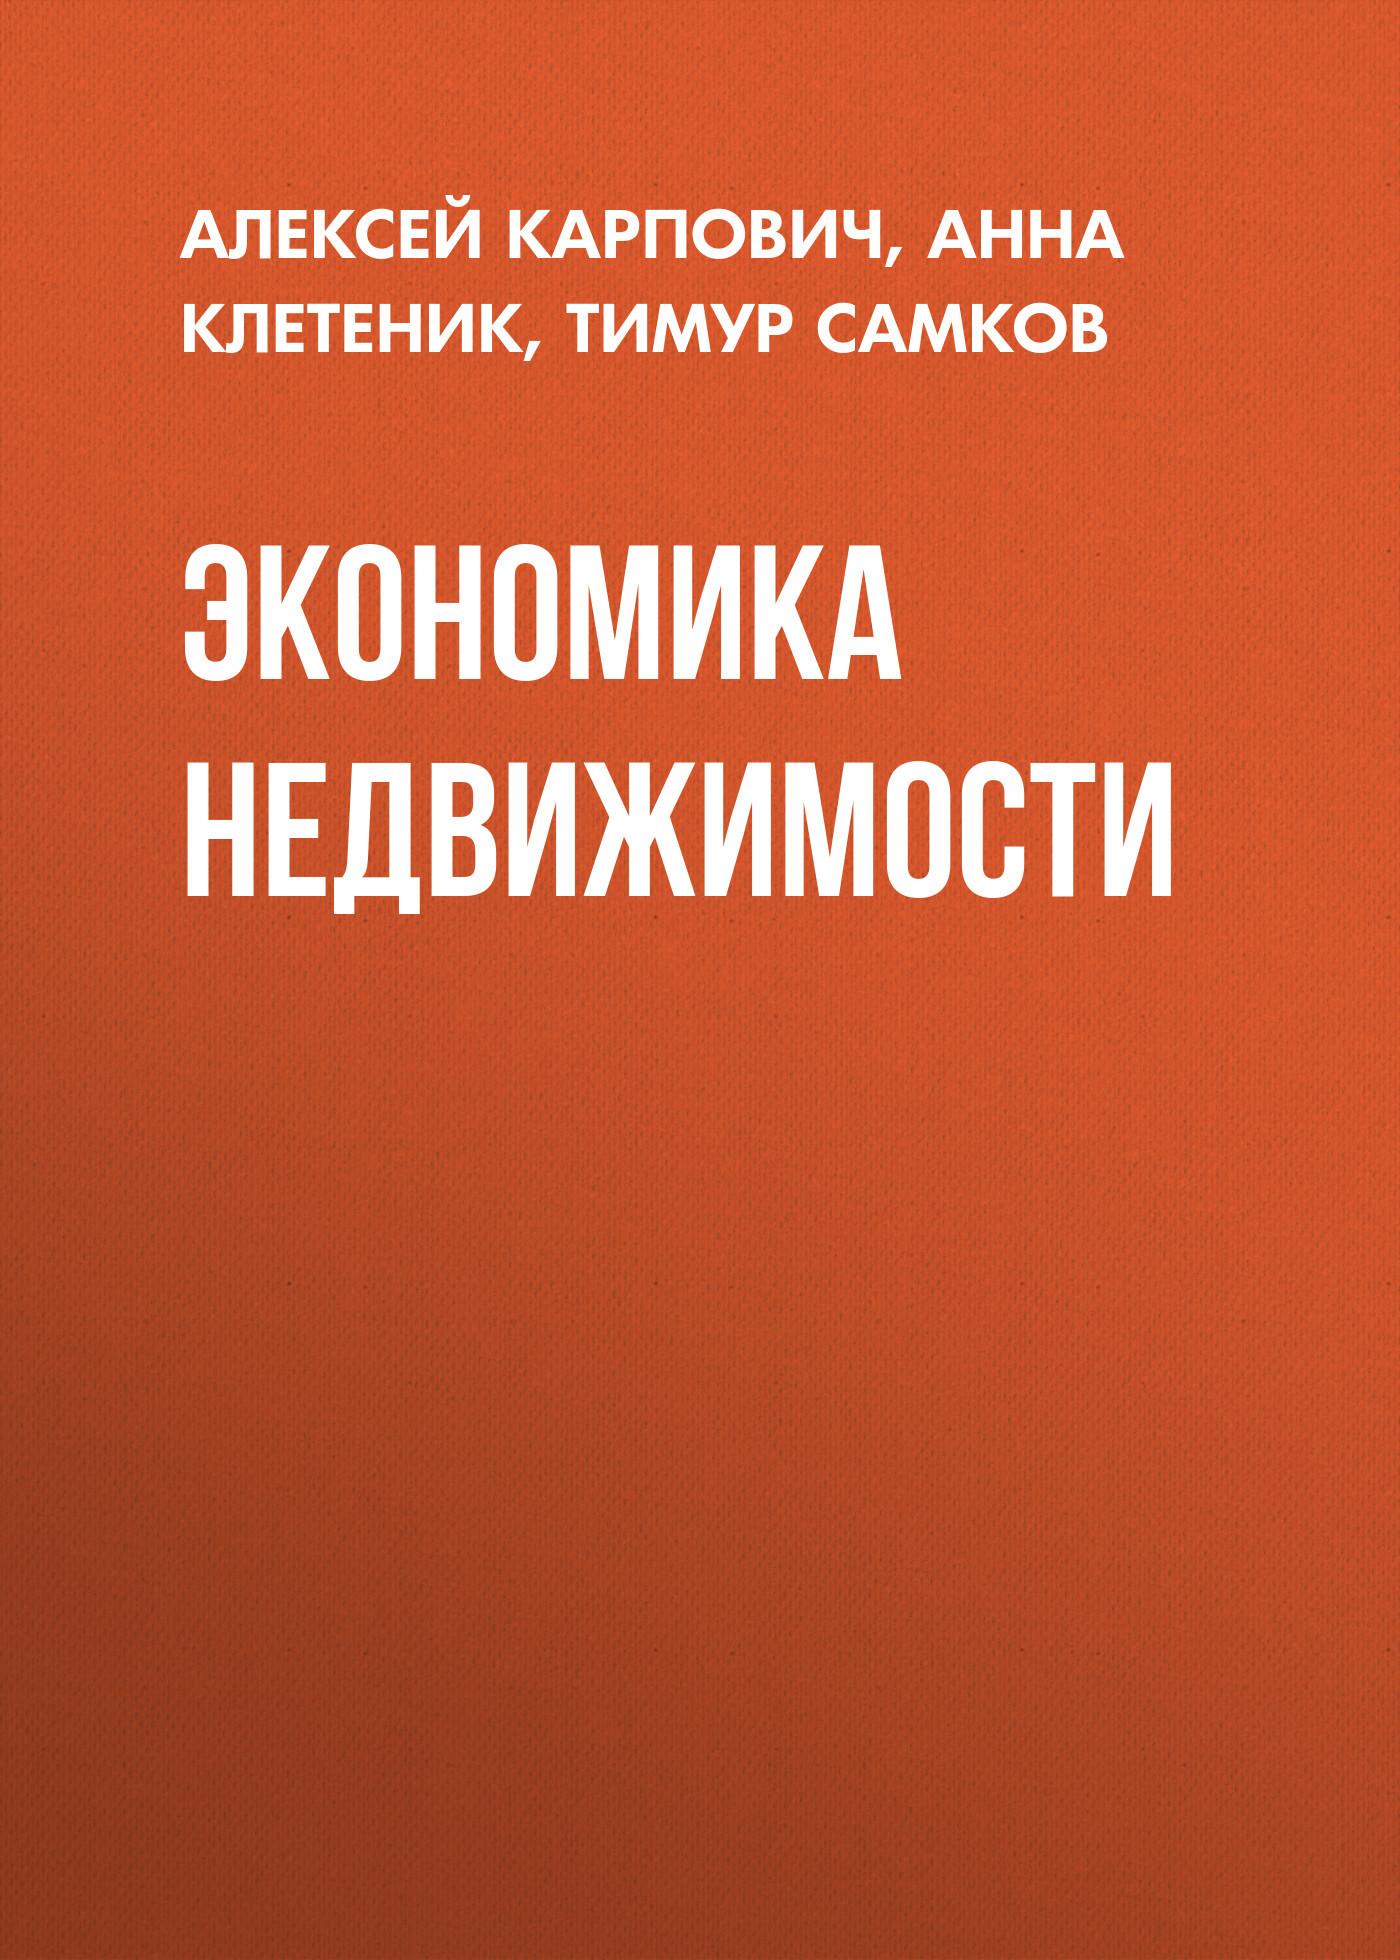 Обложка книги Экономика недвижимости, автор Алексей Карпович